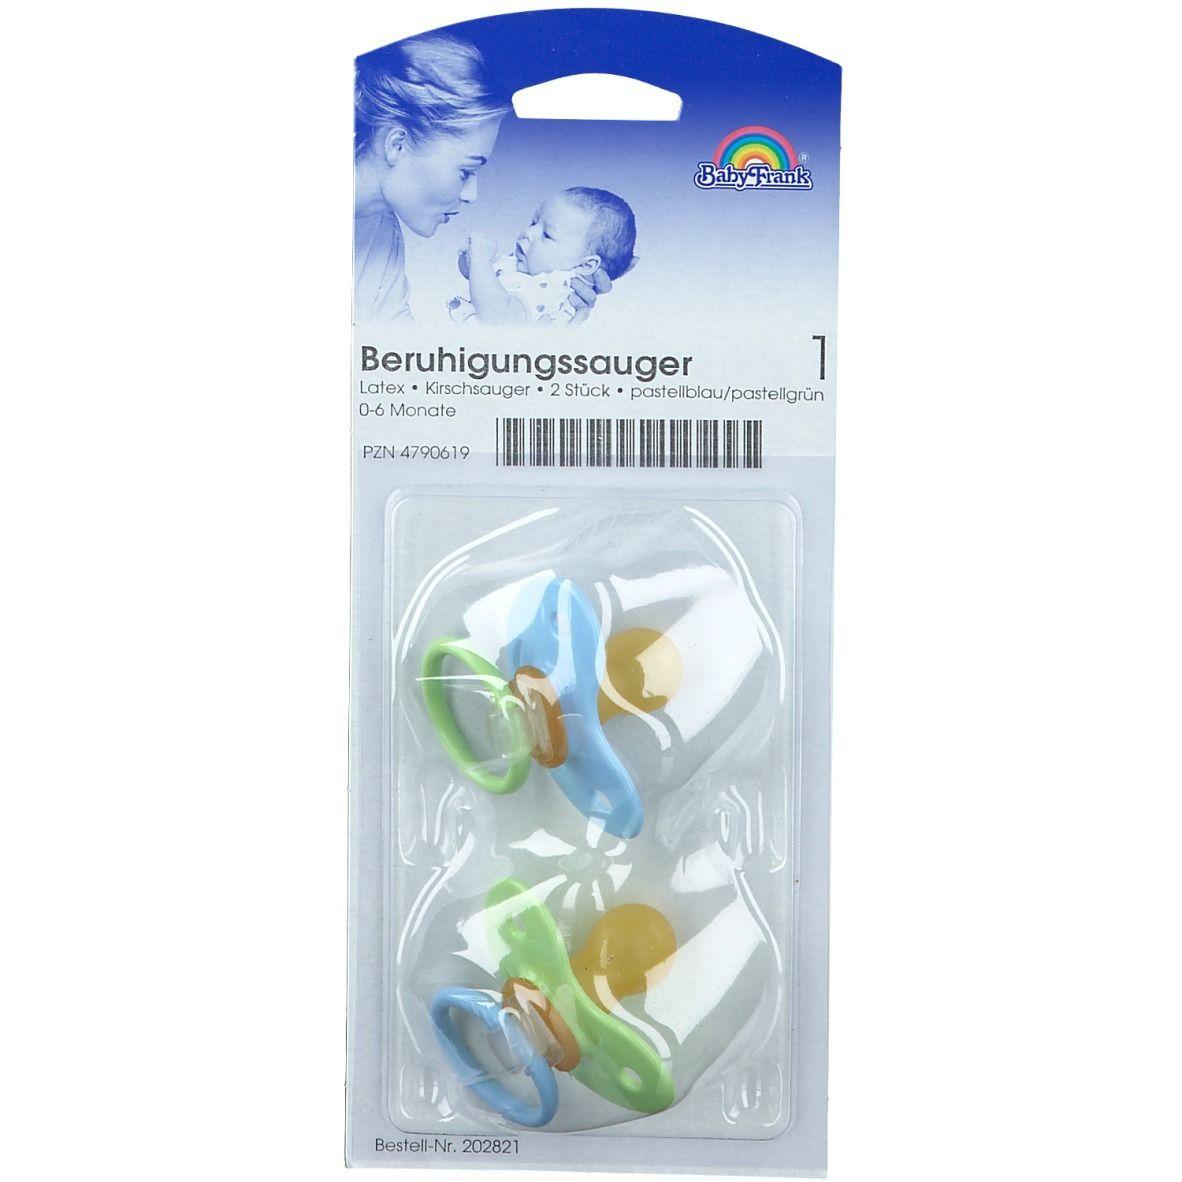 Baby-Frank® Beruhigungssauger in Kirschform Latex 0-6 Monate blau/grün